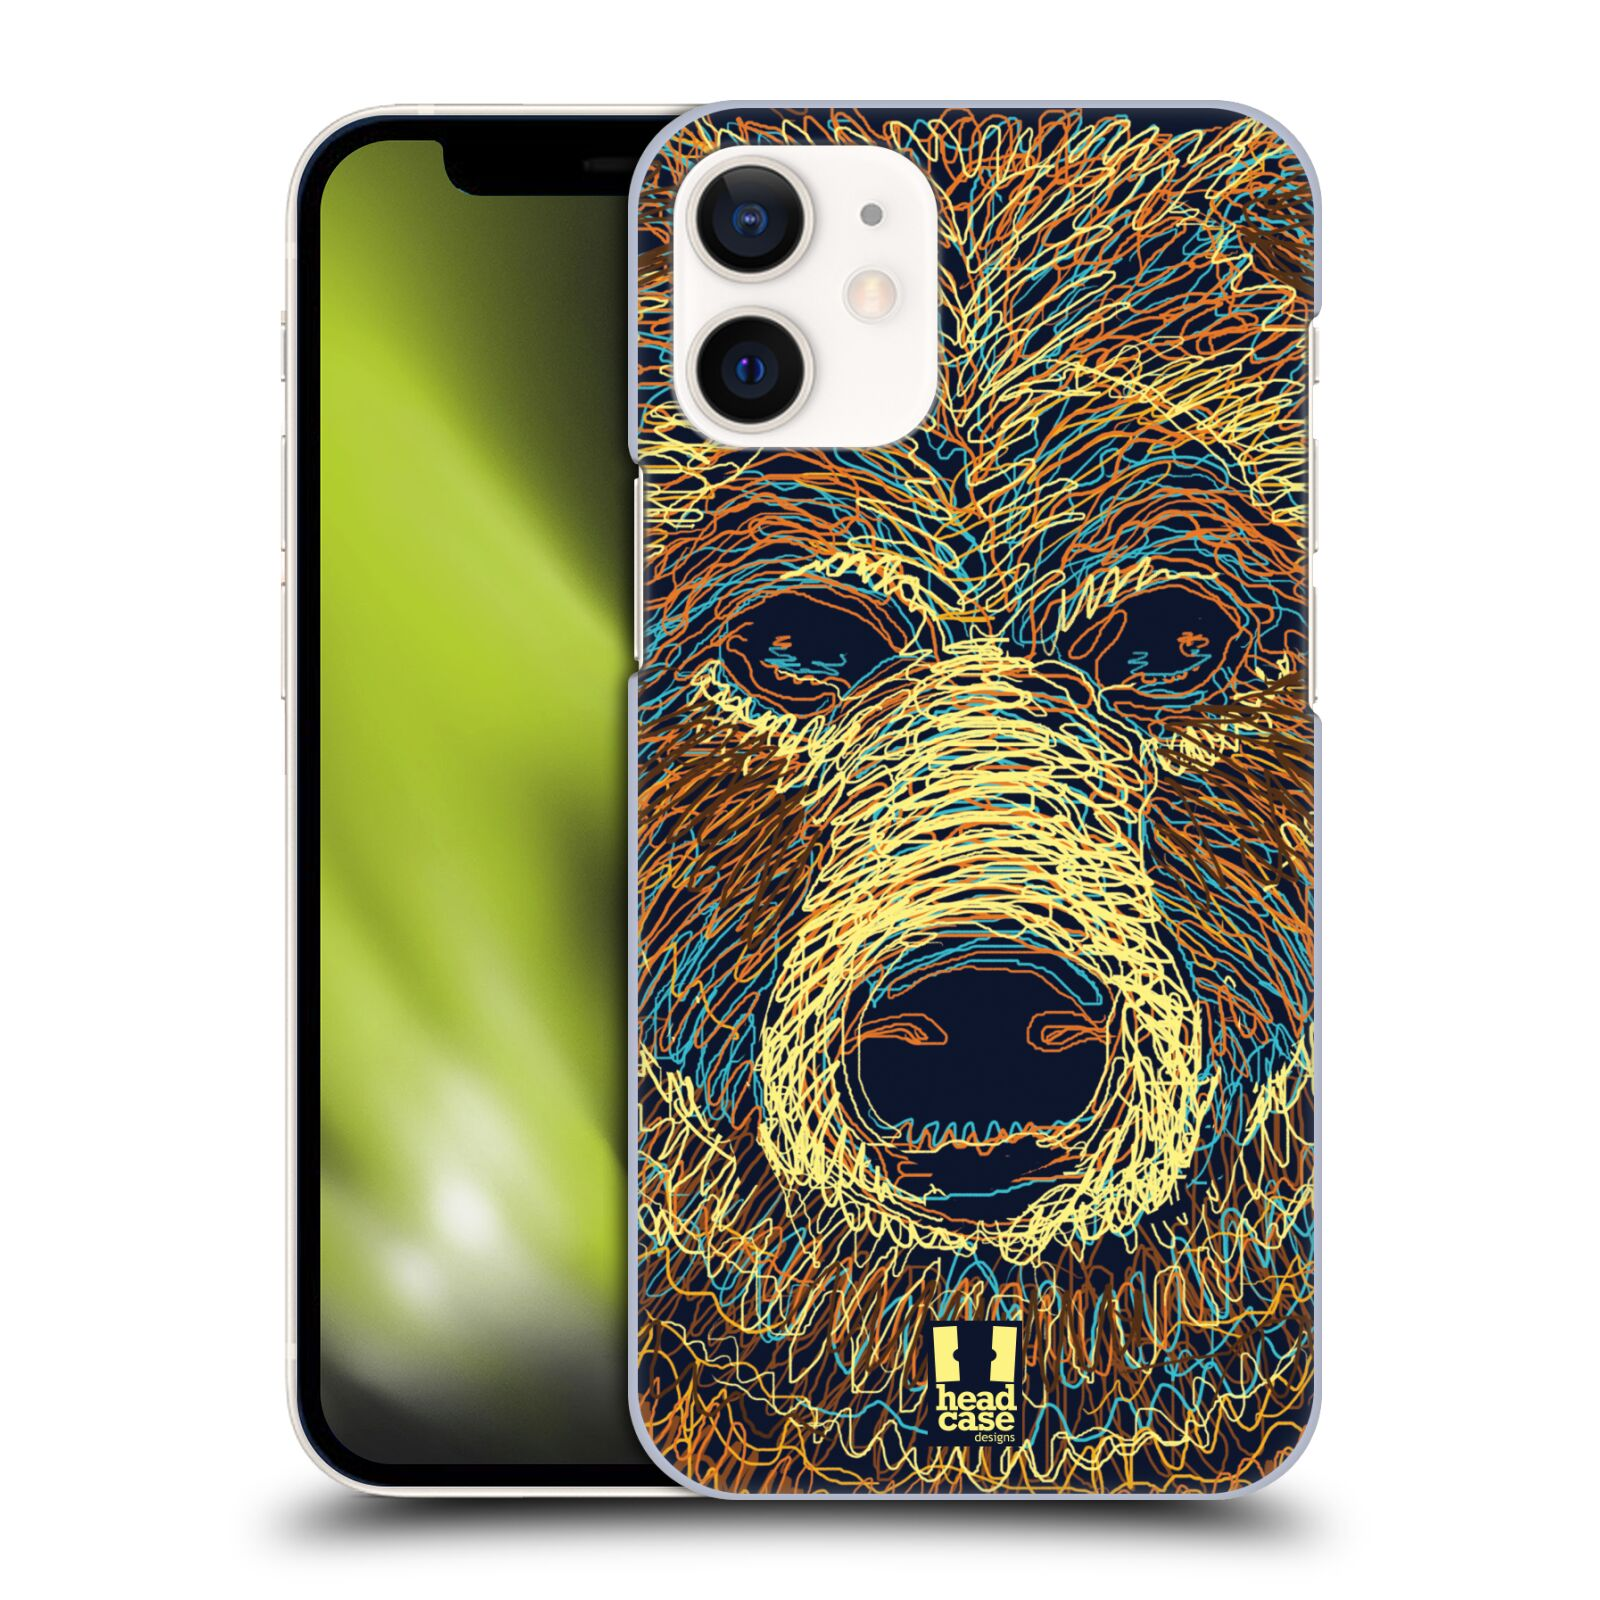 Plastový obal na mobil Apple Iphone 12 MINI vzor zvíře čmáranice medvěd